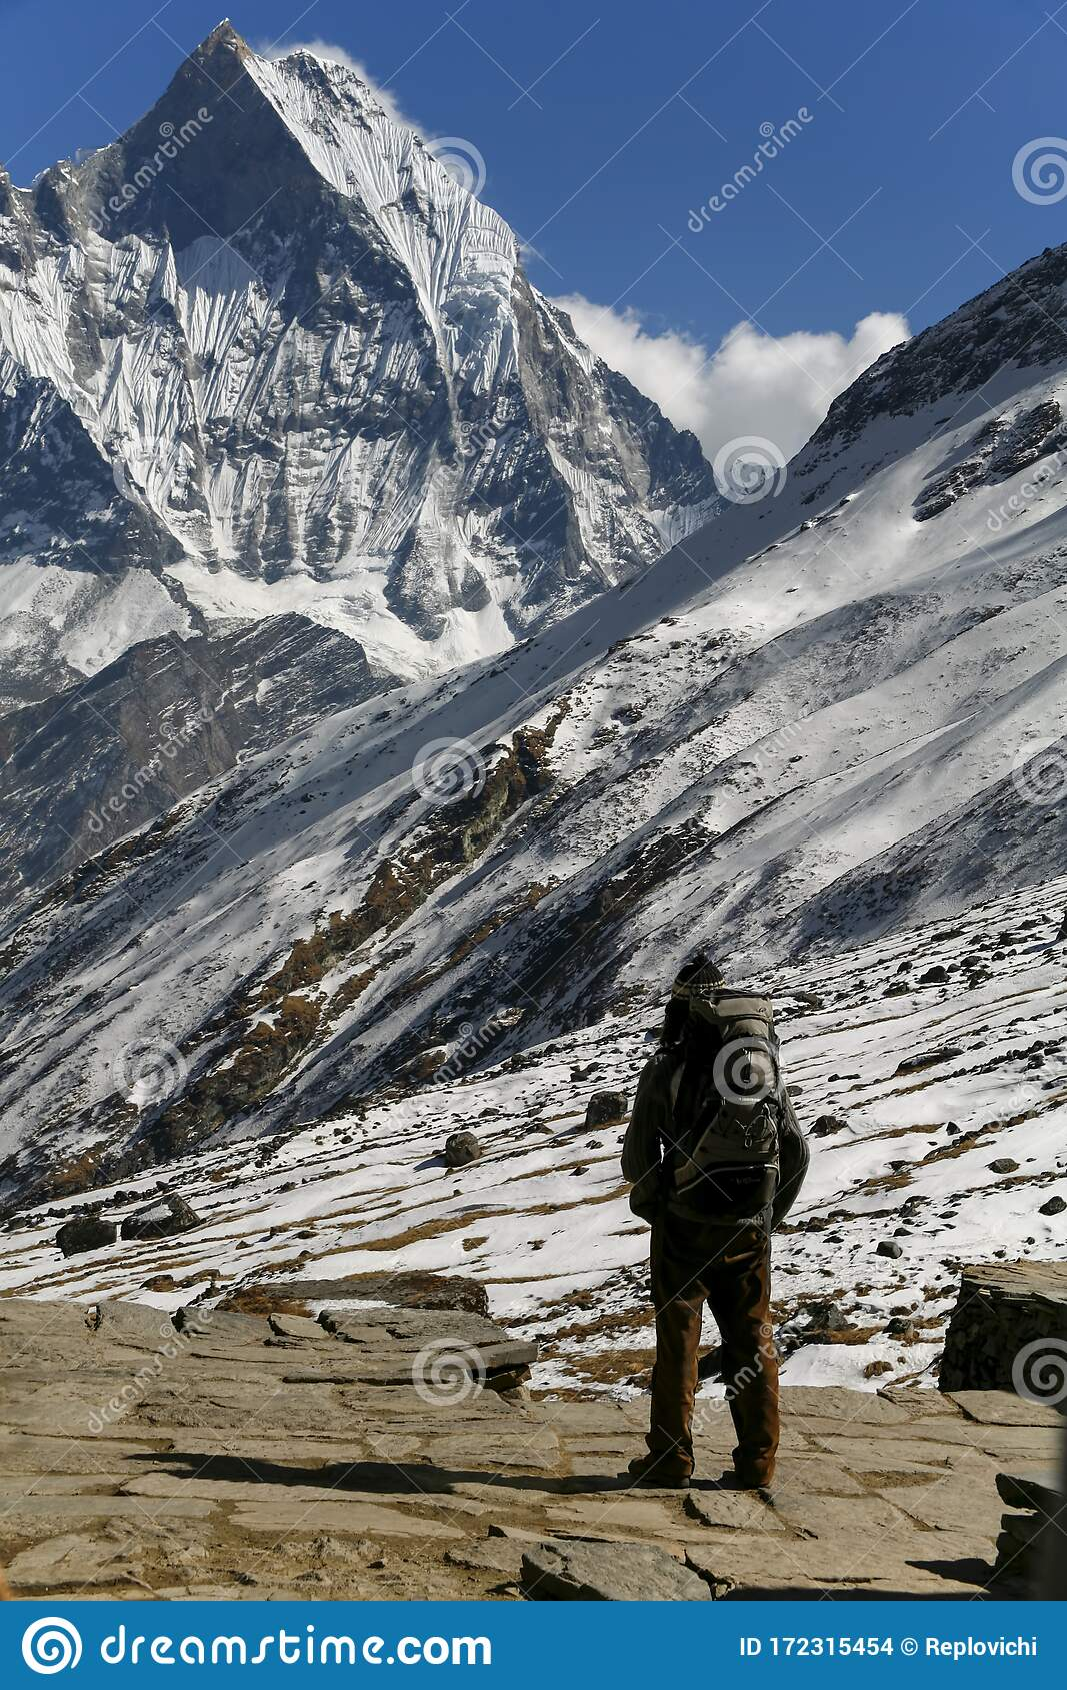 Trekkers At The Annapurna Mountain Range In Nepal ...